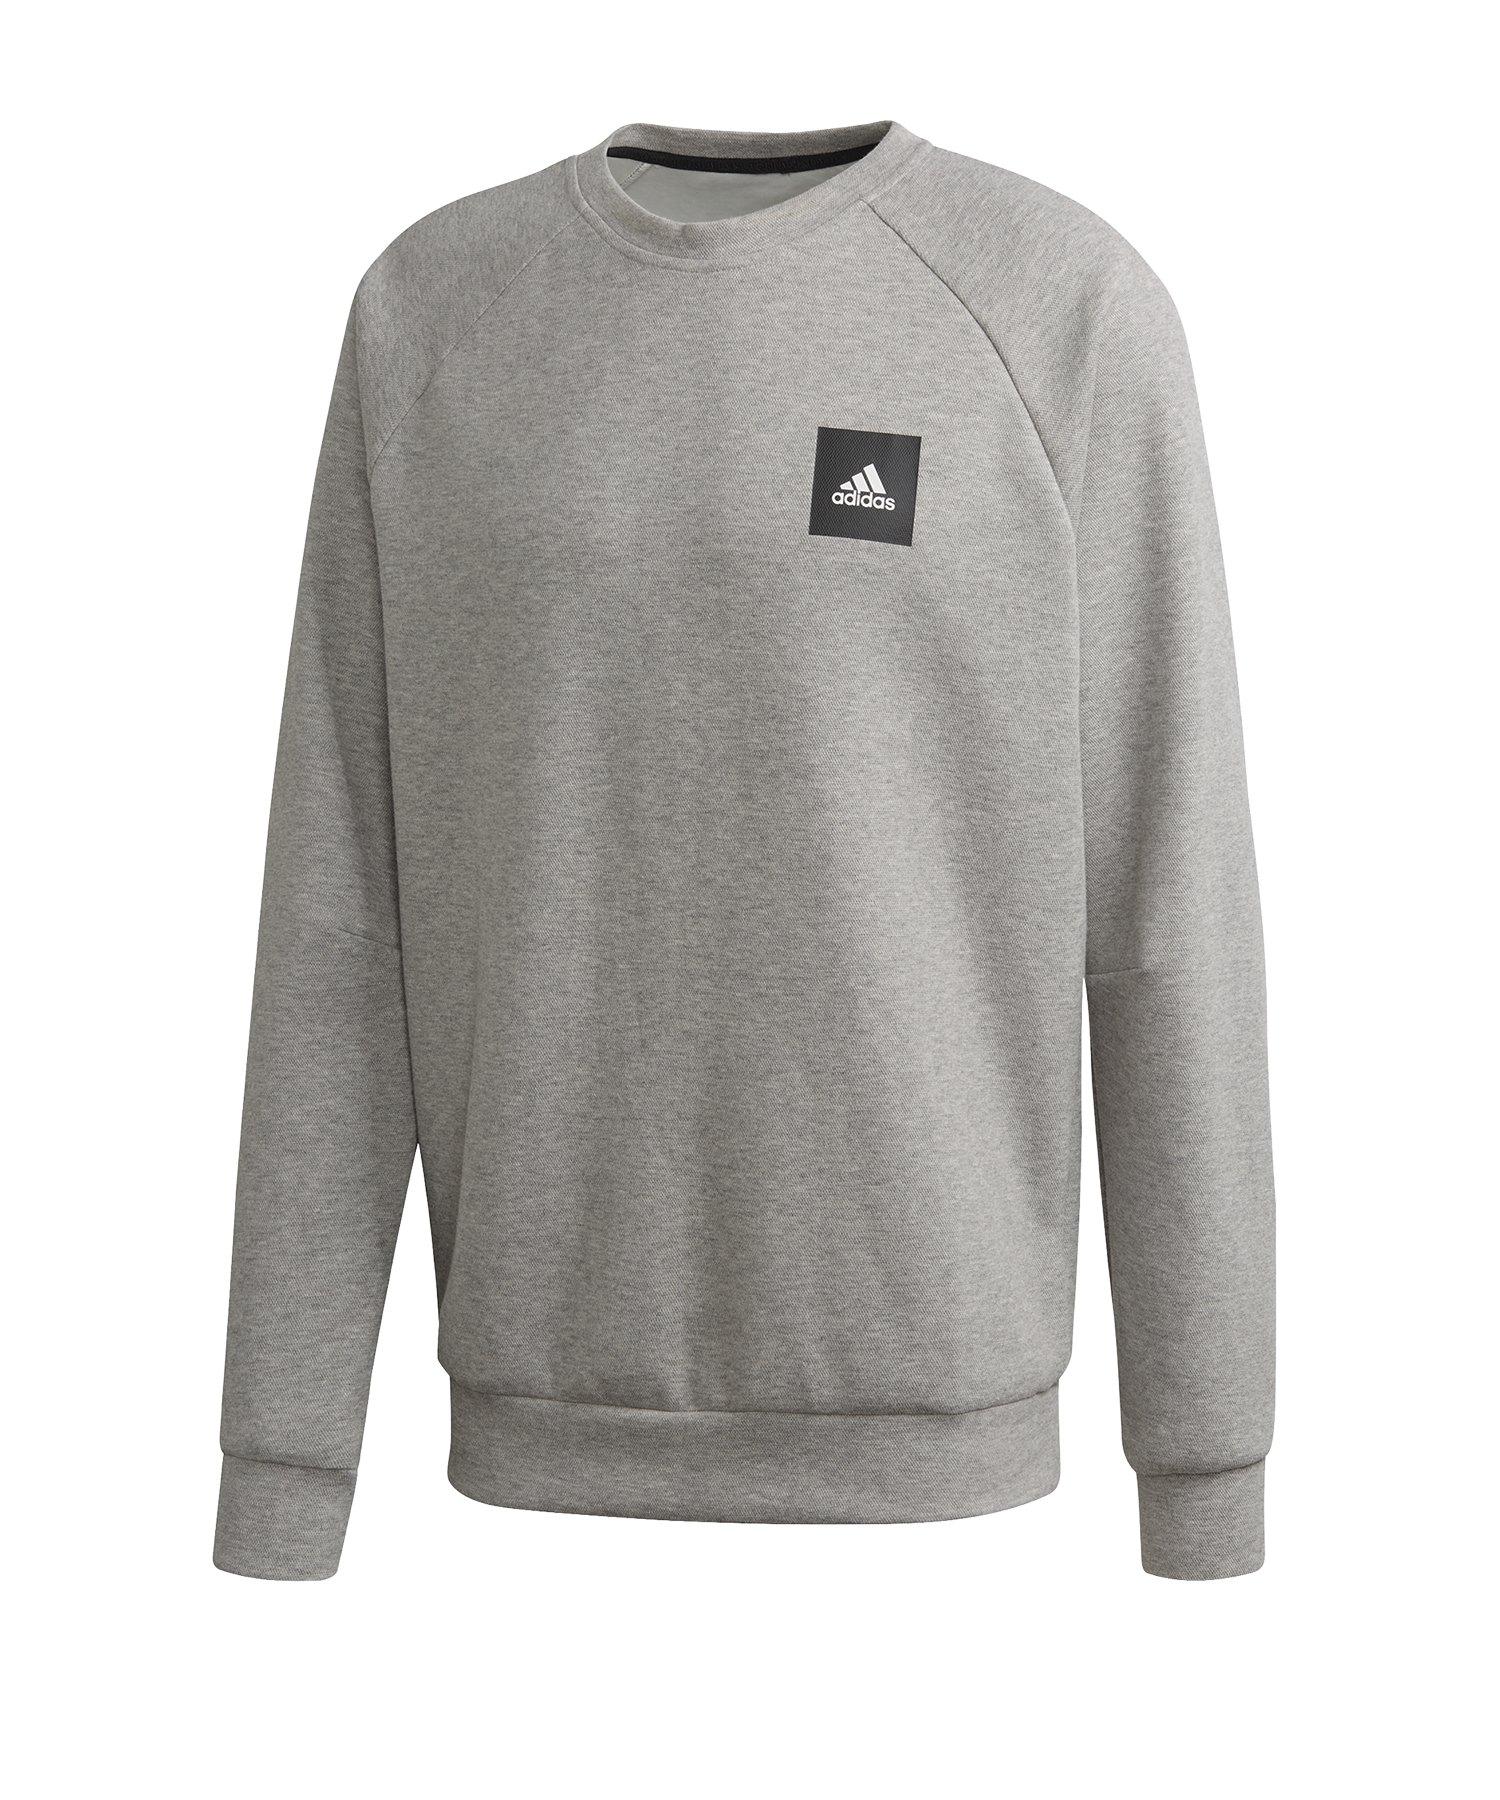 adidas Crew Sweatshirt Grau Schwarz - grau